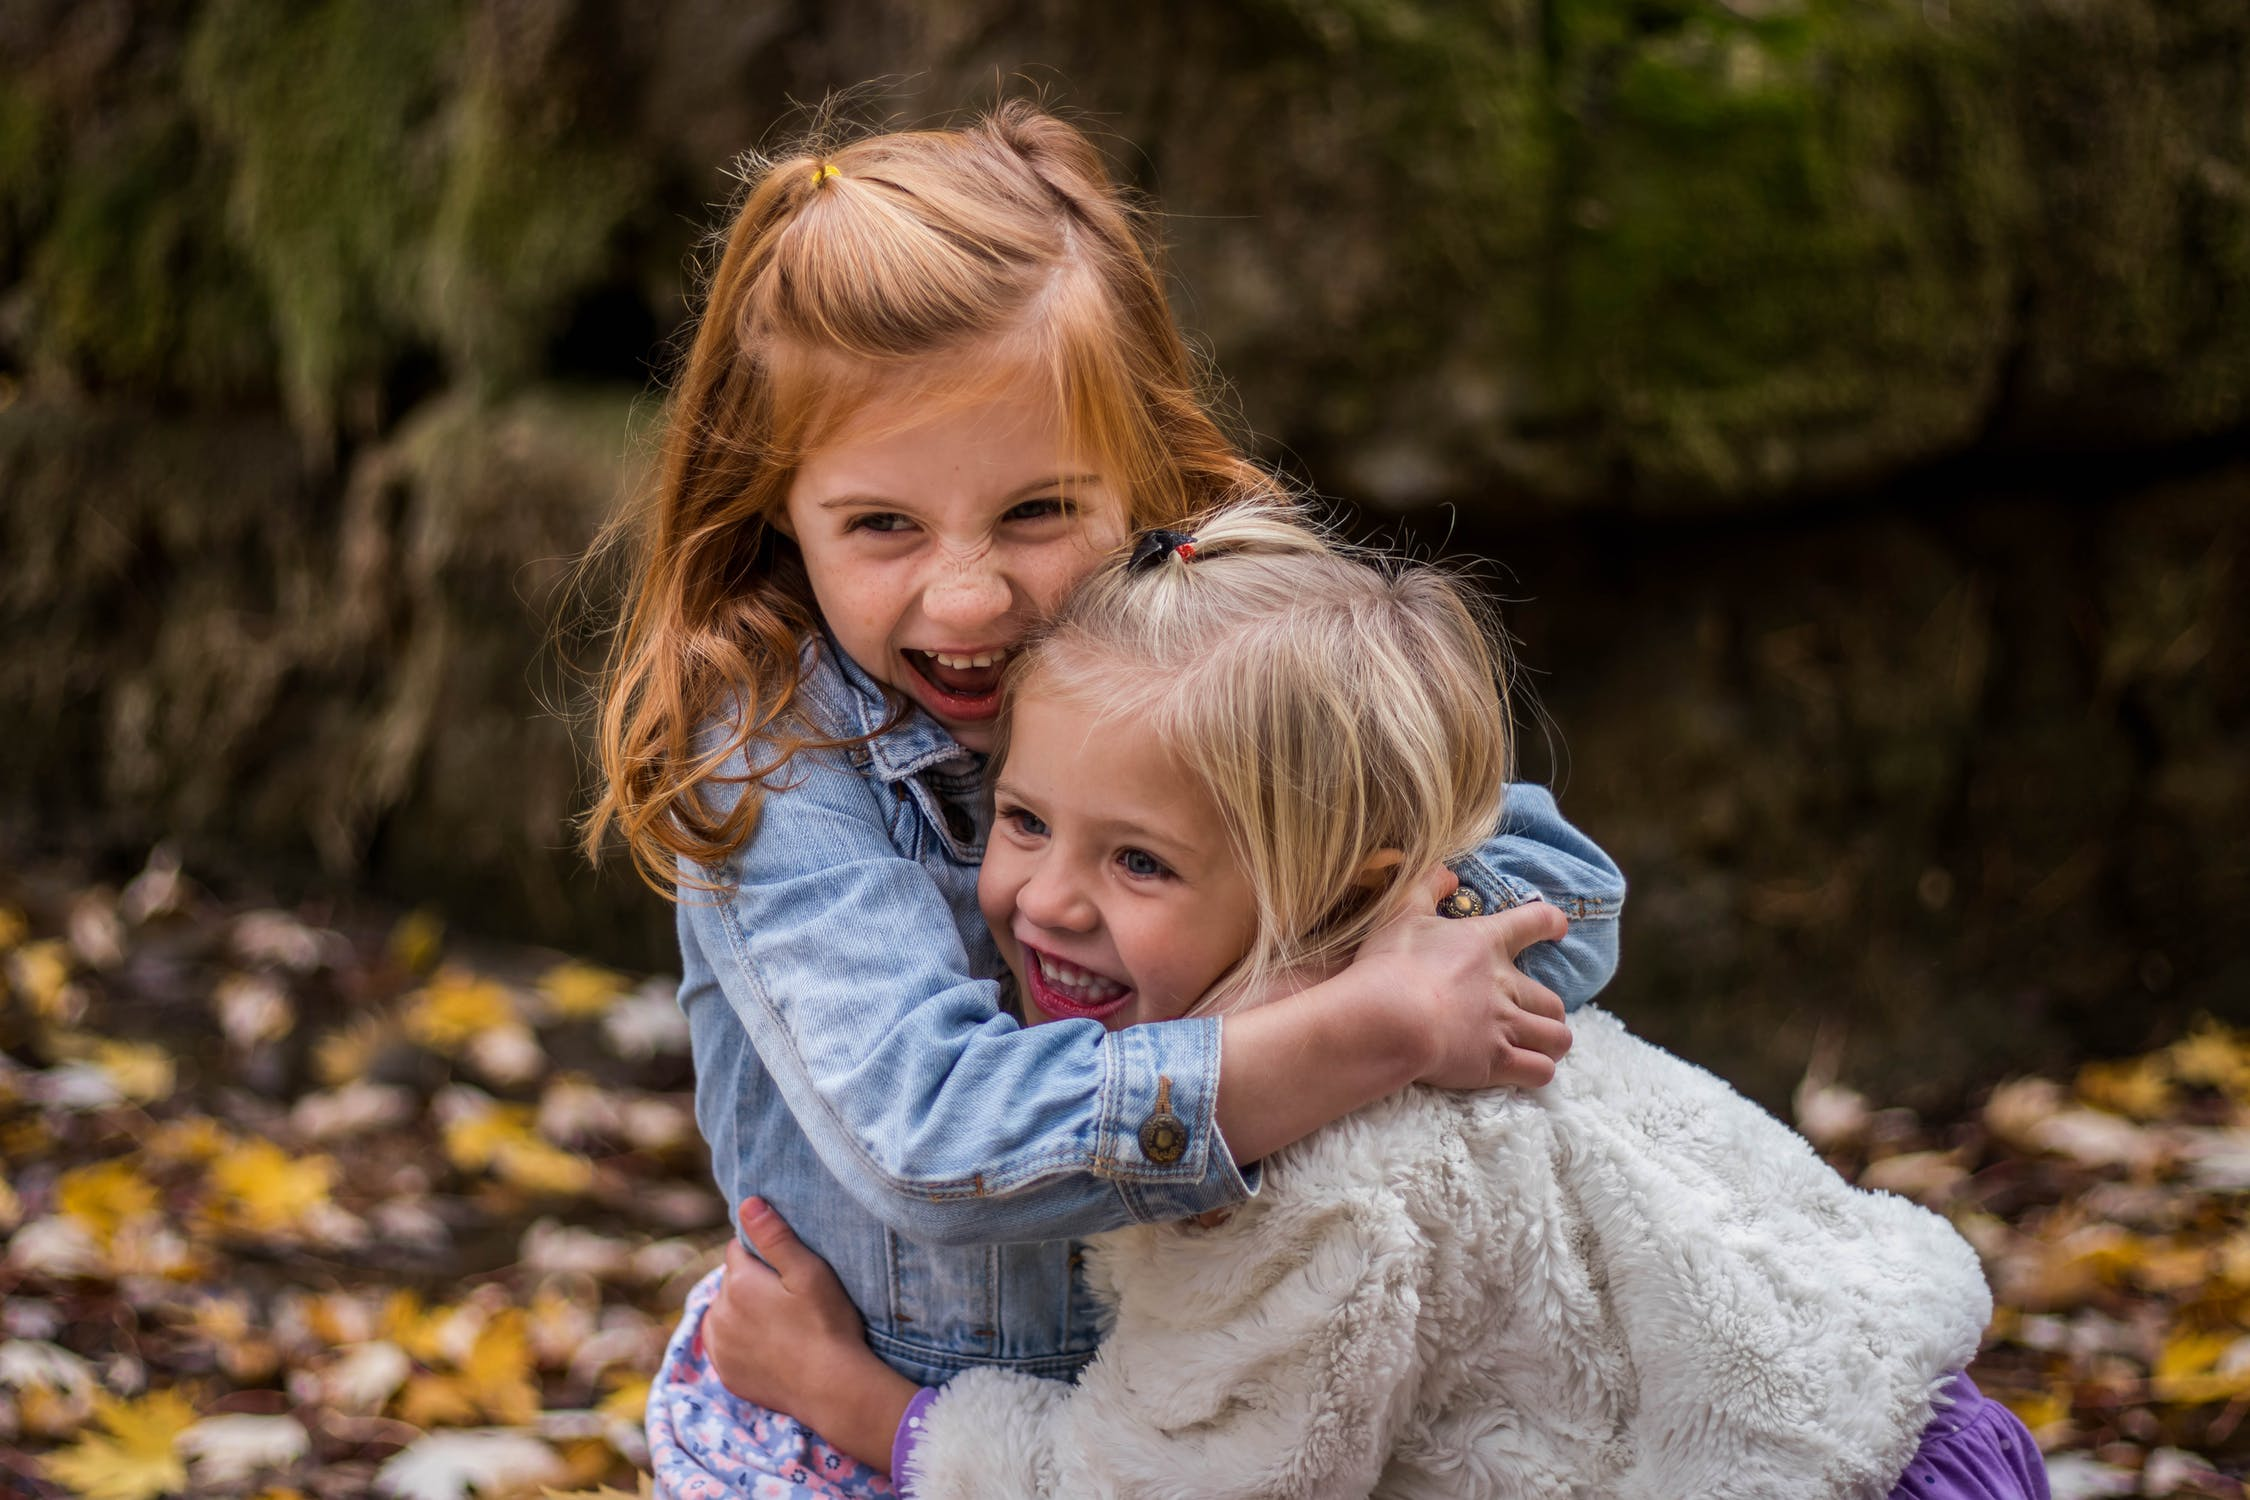 父母如何给孩子安全感 影响孩子安全感建立的6句话,父母不注意,孩子